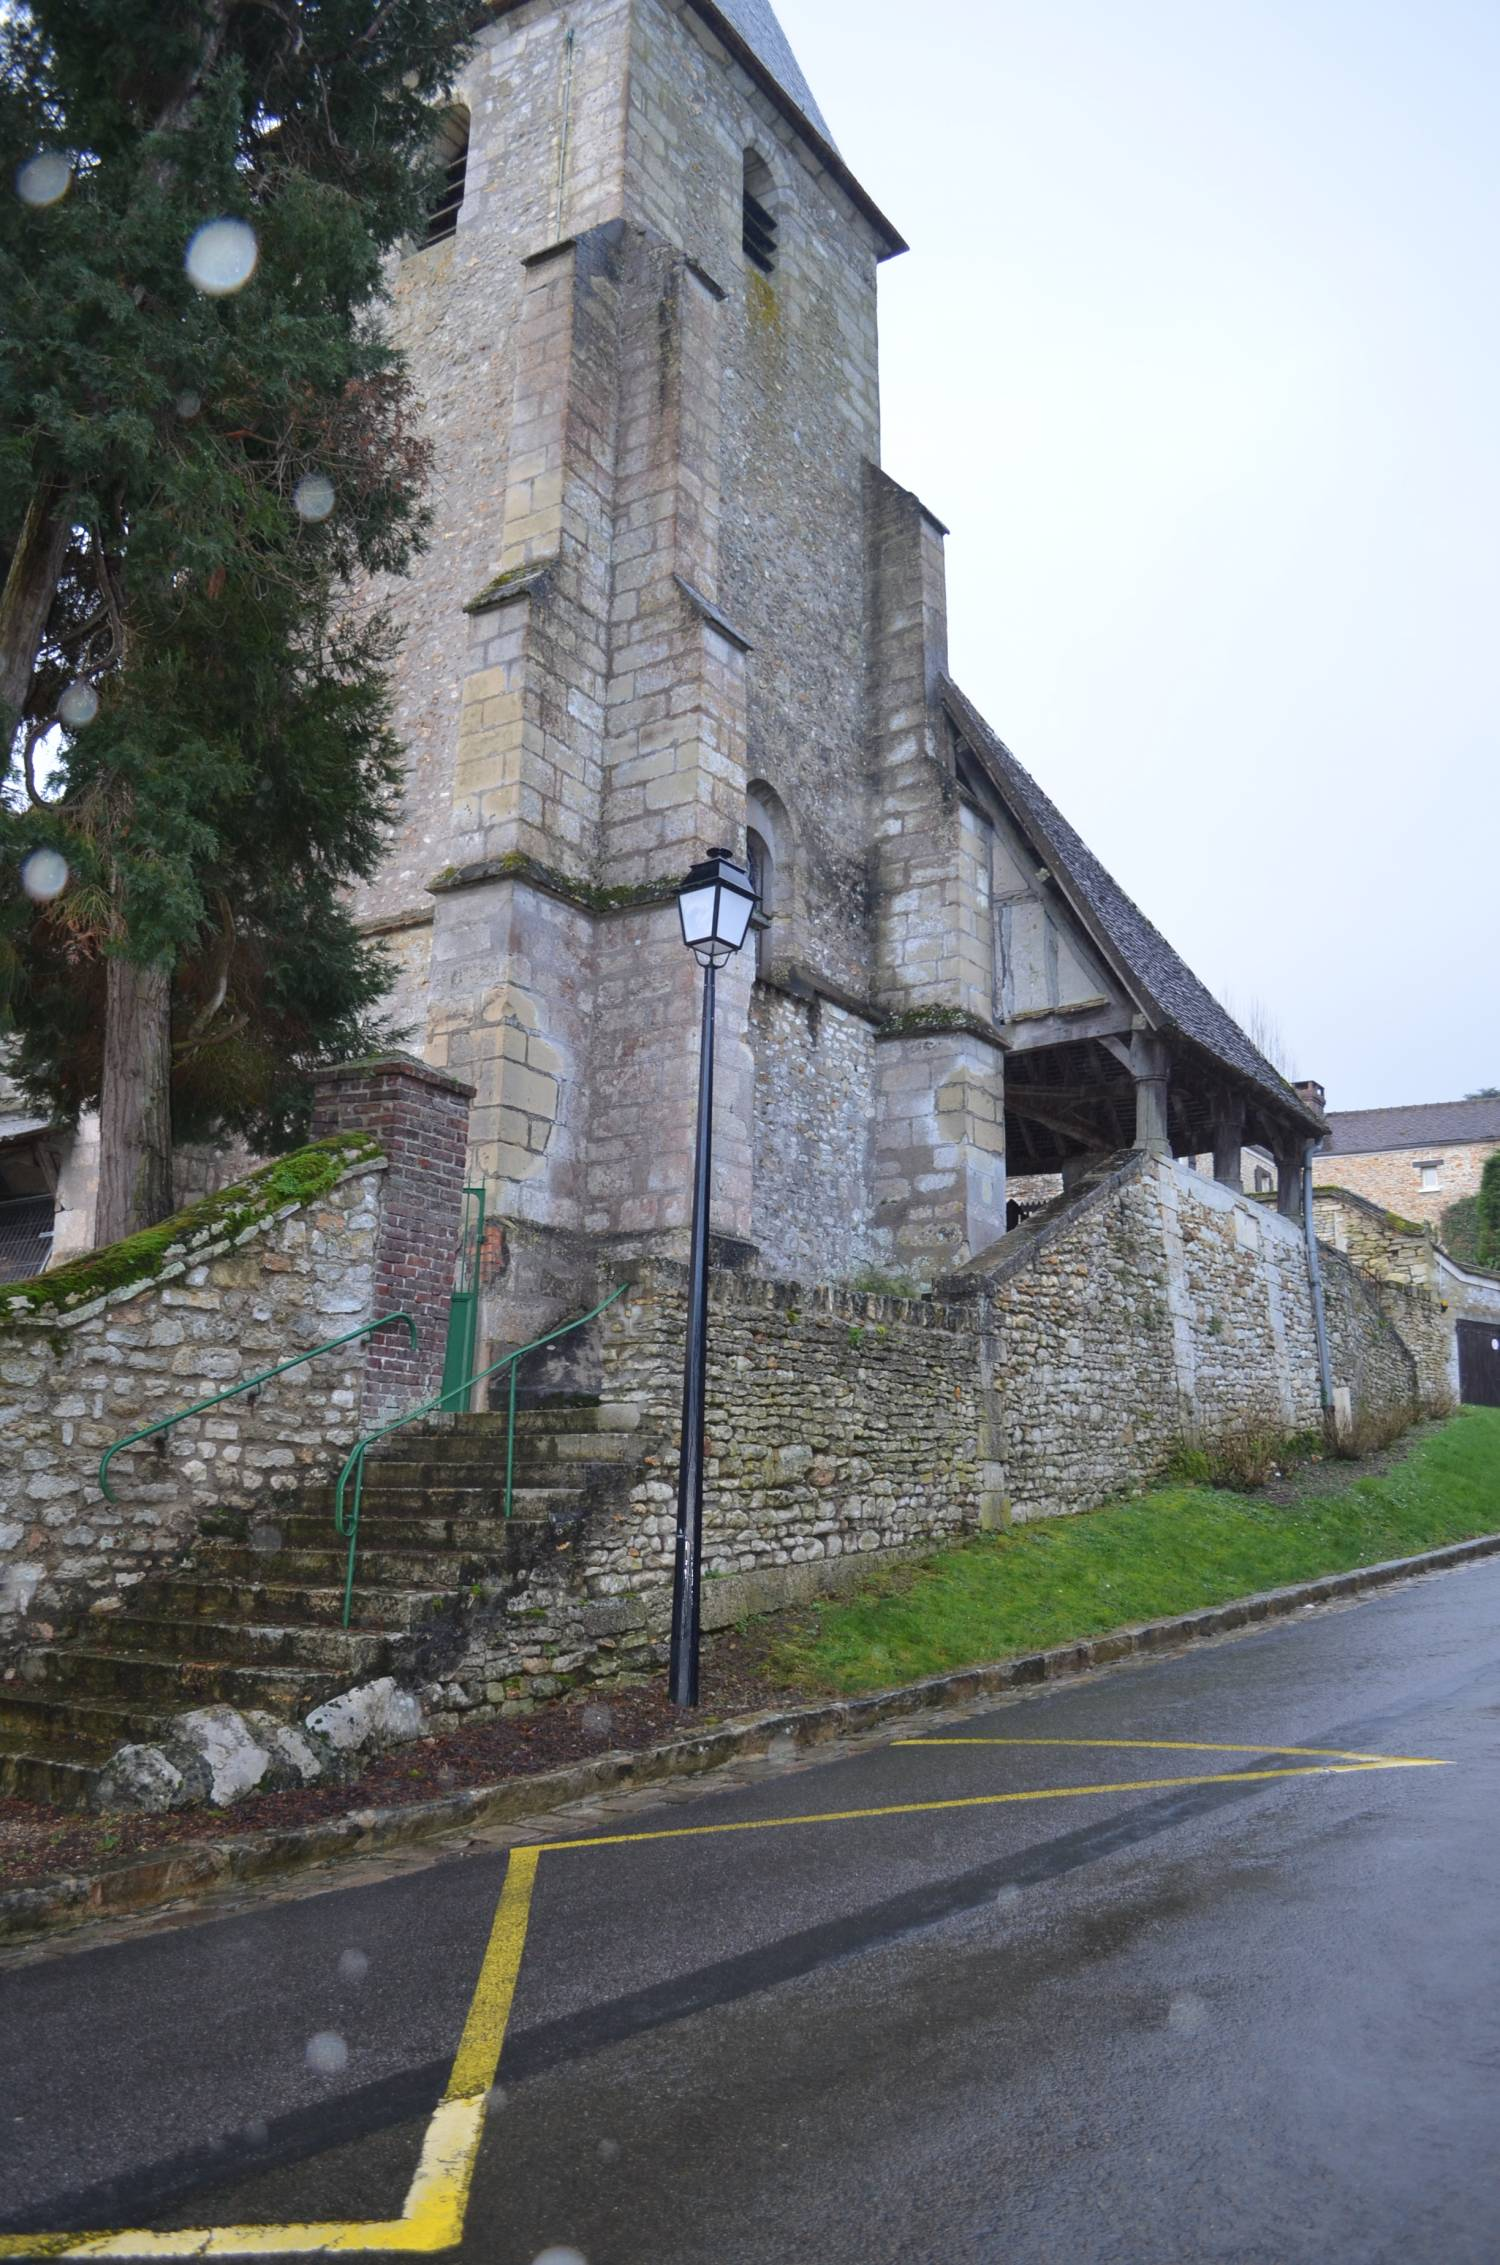 Goupillières (78) - Eglise Saint-Germain de Paris - sauvegarde de l'Art français